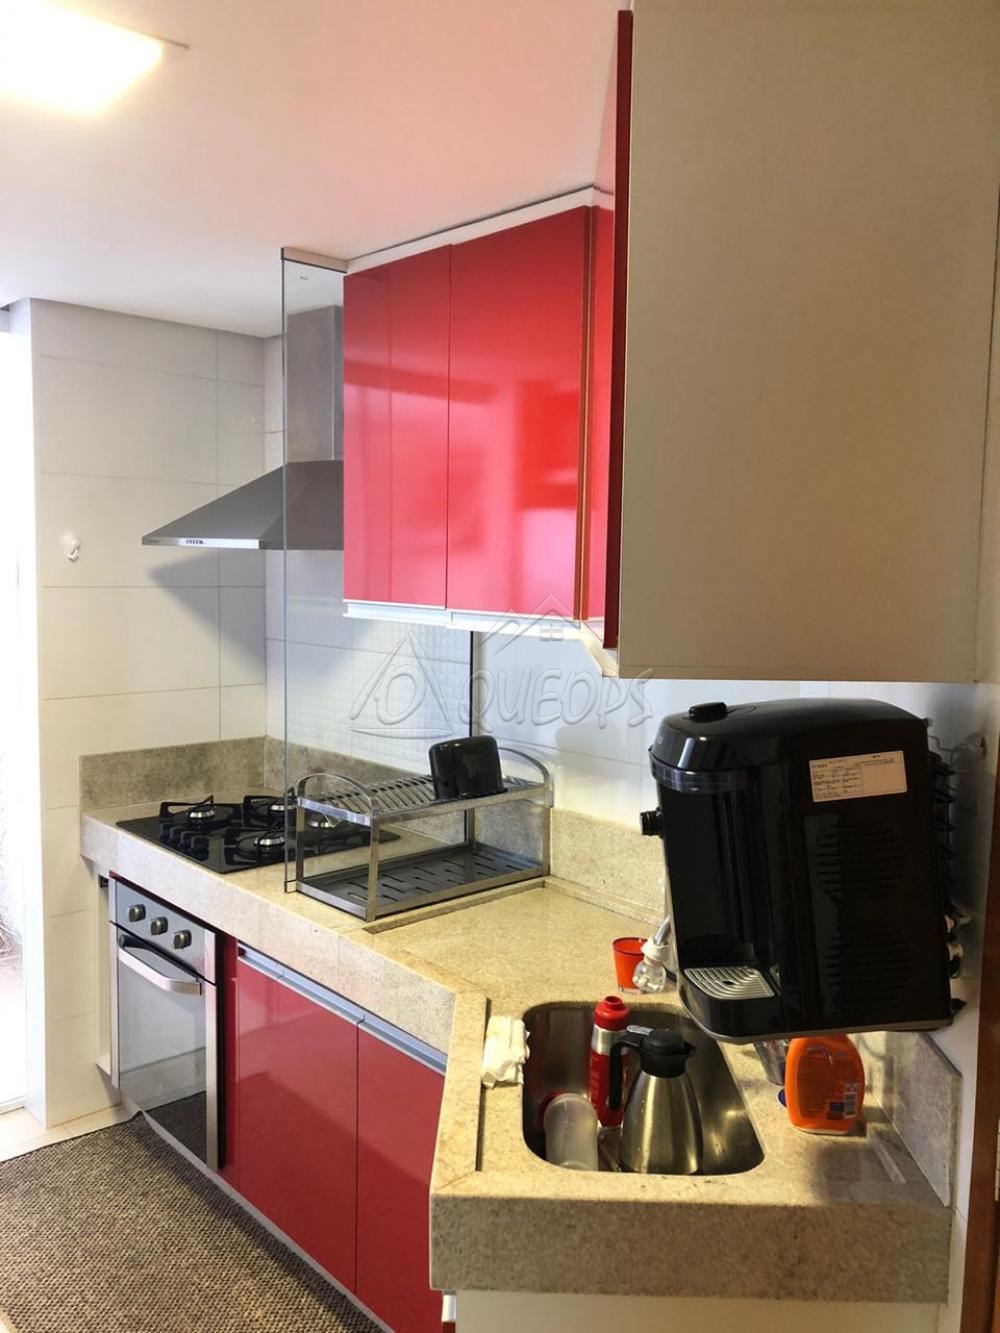 Comprar Apartamento / Padrão em Barretos apenas R$ 700.000,00 - Foto 28